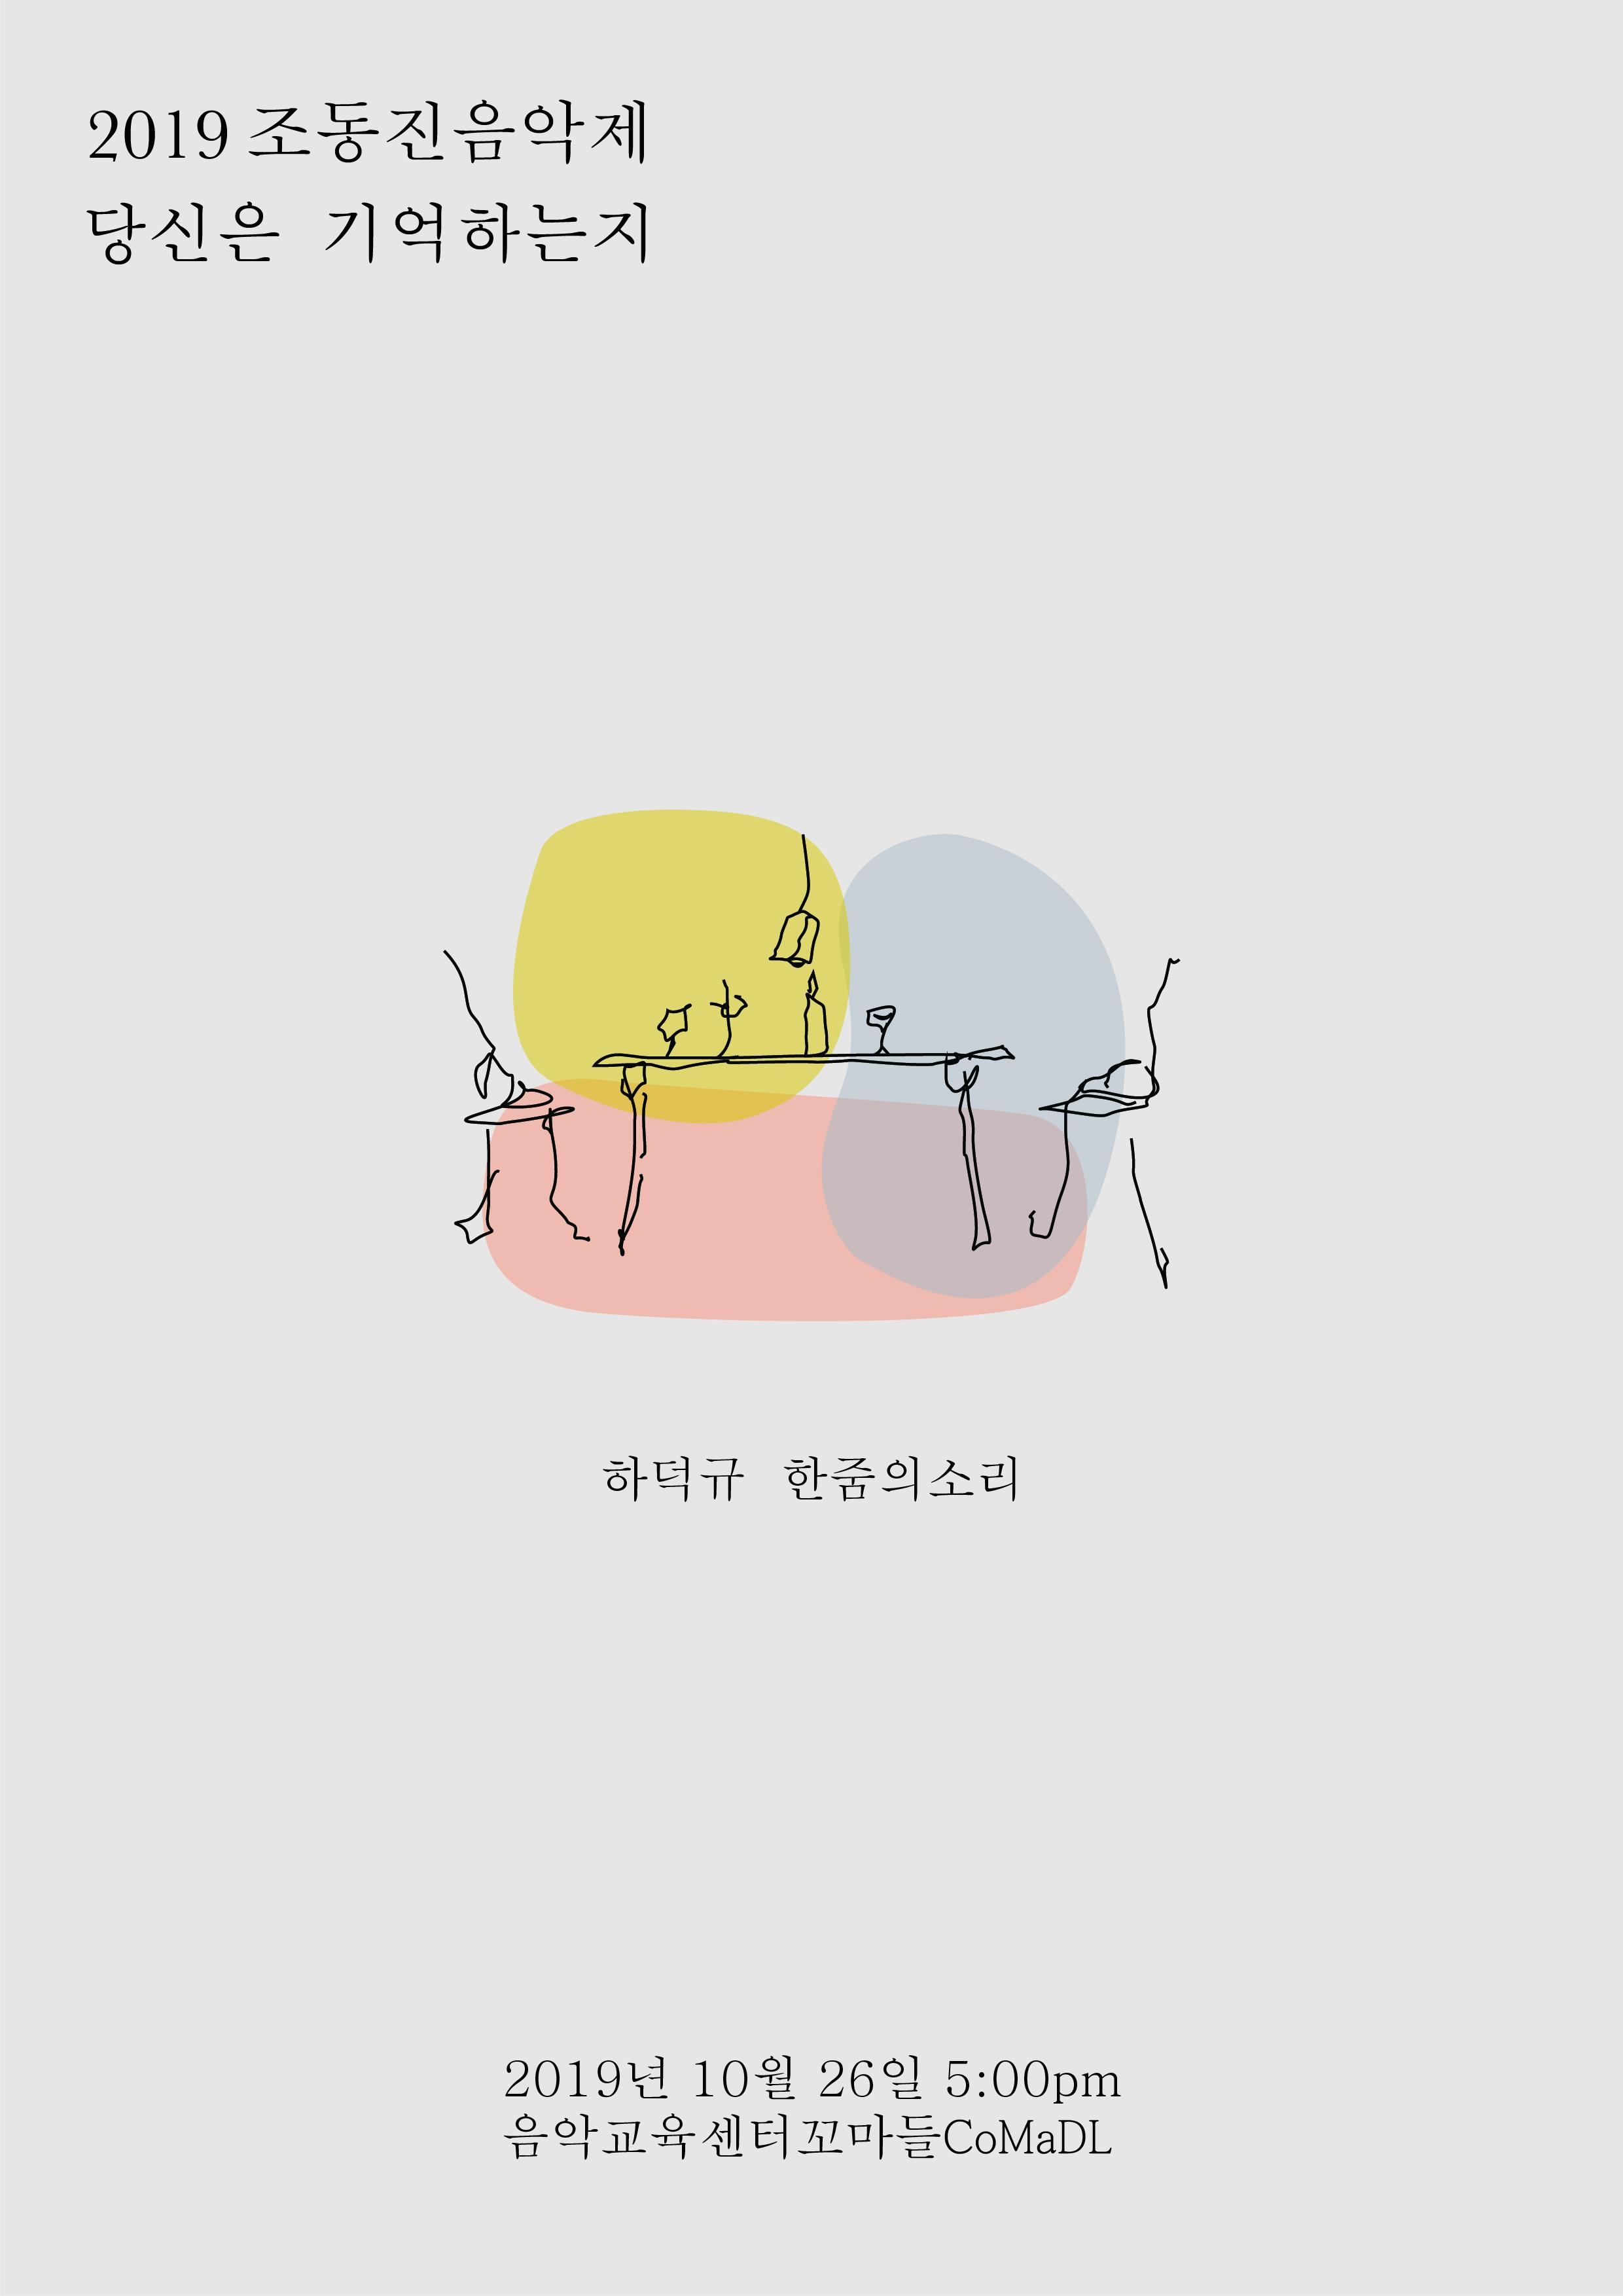 2019 조동진 음악제